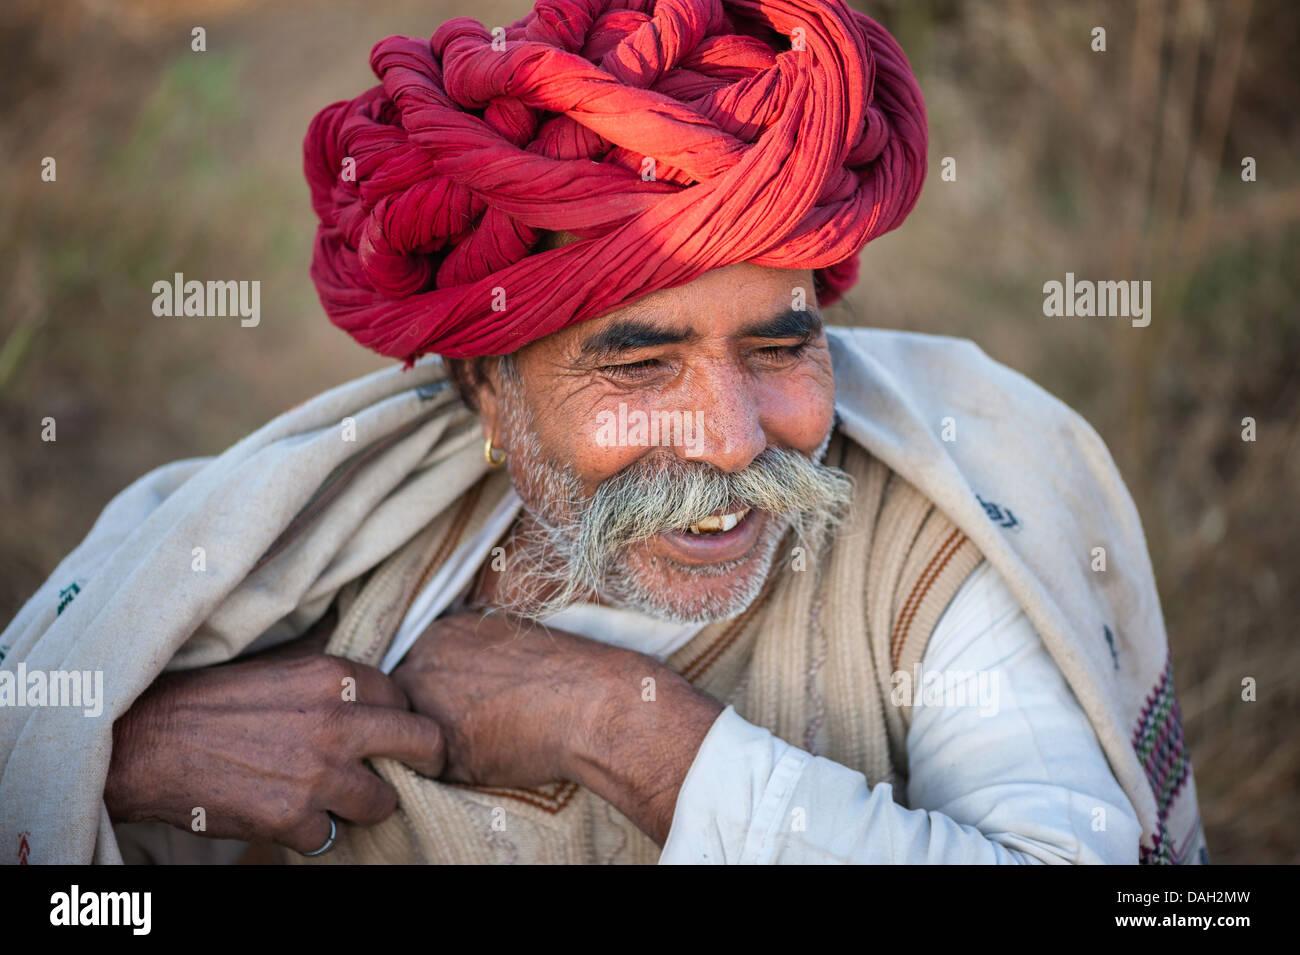 Rajput uomo trades cammelli a Pushkar presso il festival annuale, Rajasthan, India. Immagini Stock